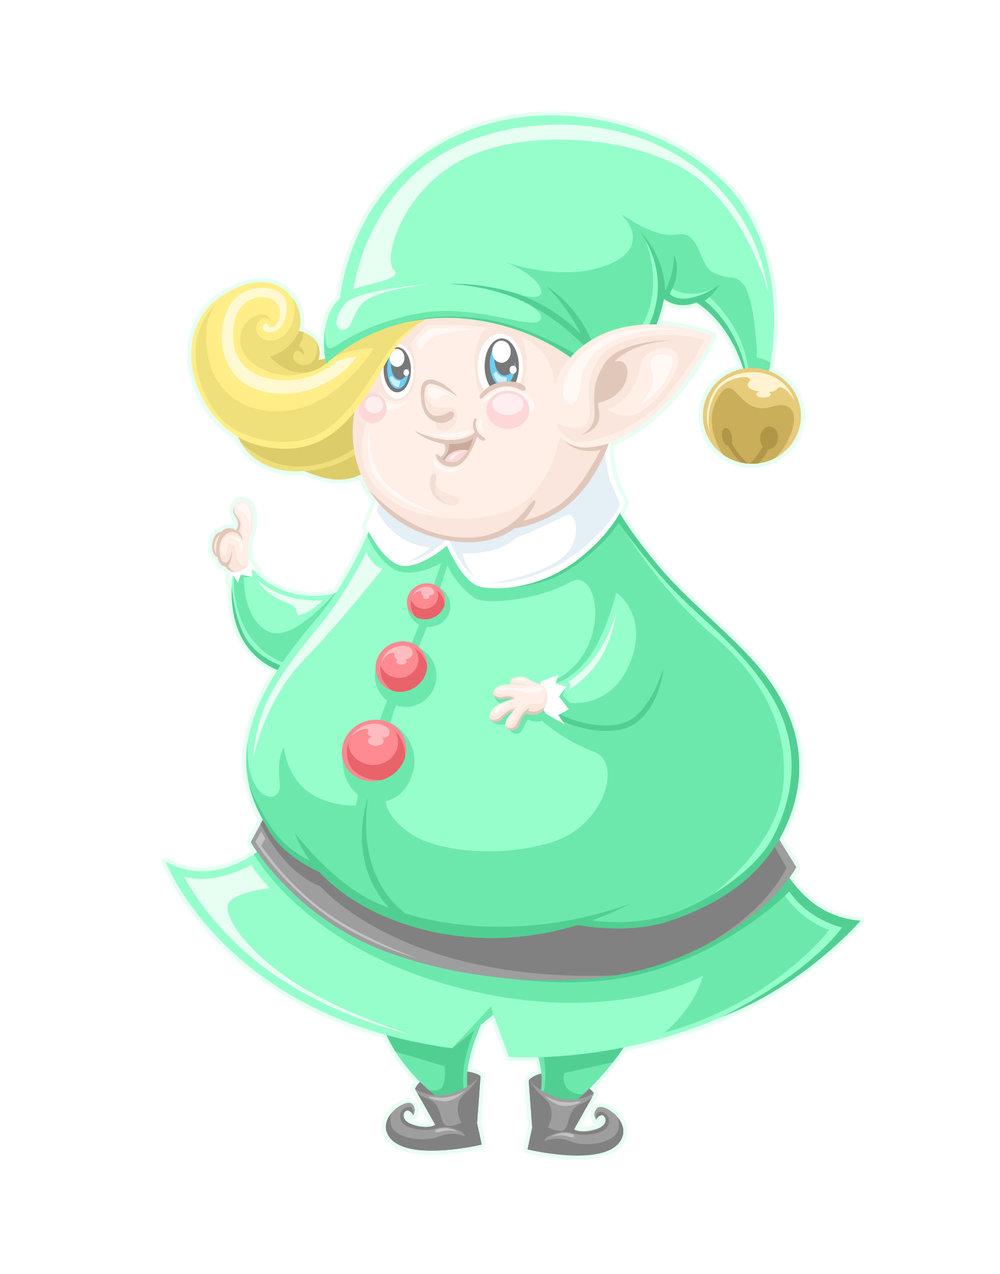 Chubby Elf